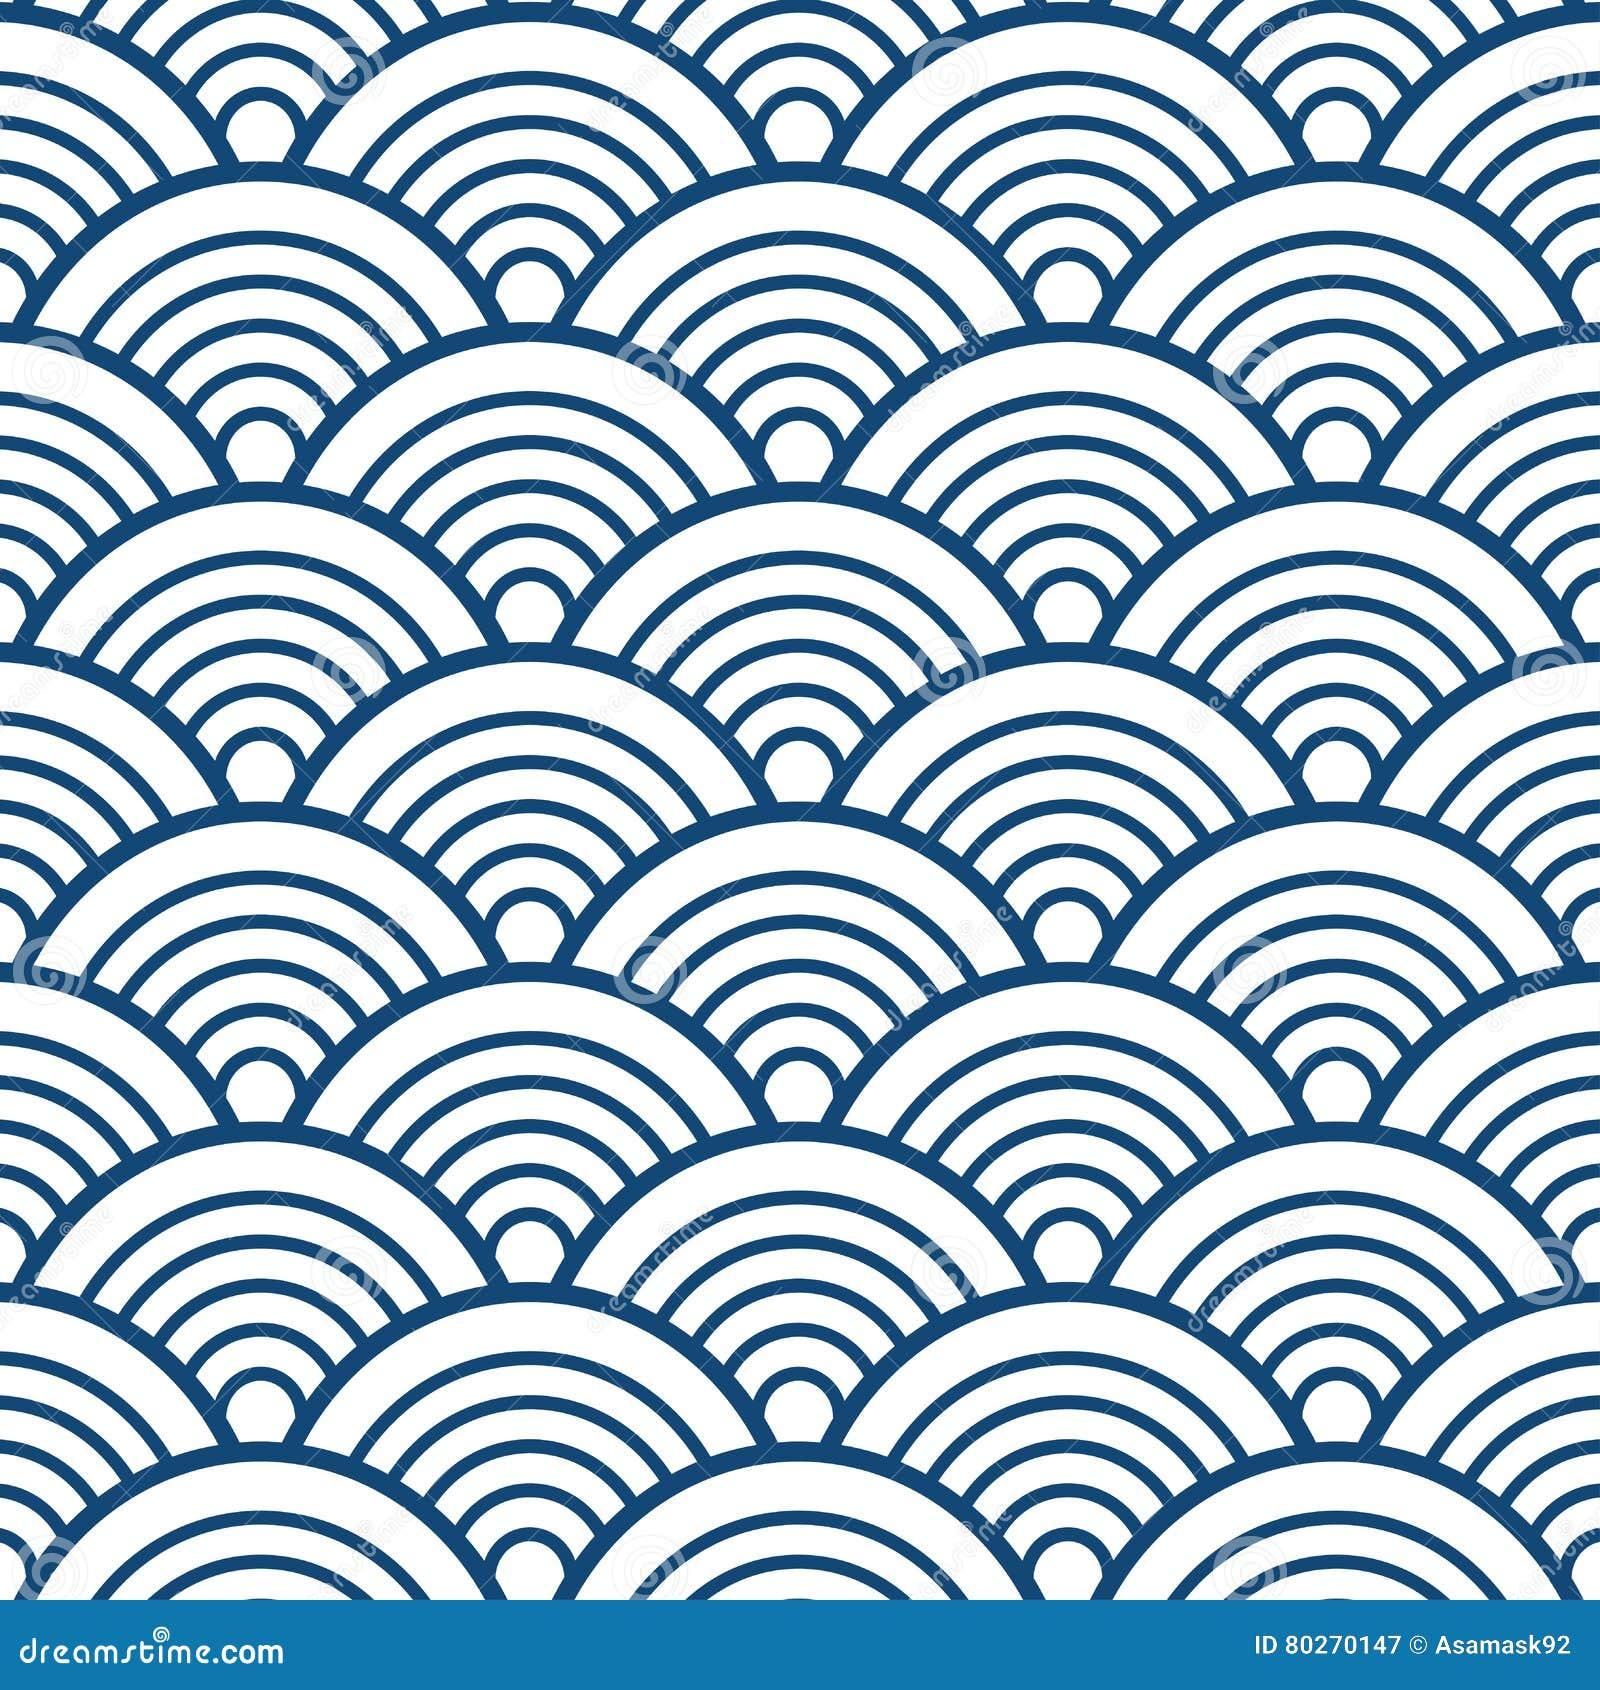 För kinesSeigaiha för indigoblå marinblå traditionell våg japansk bakgrund modell